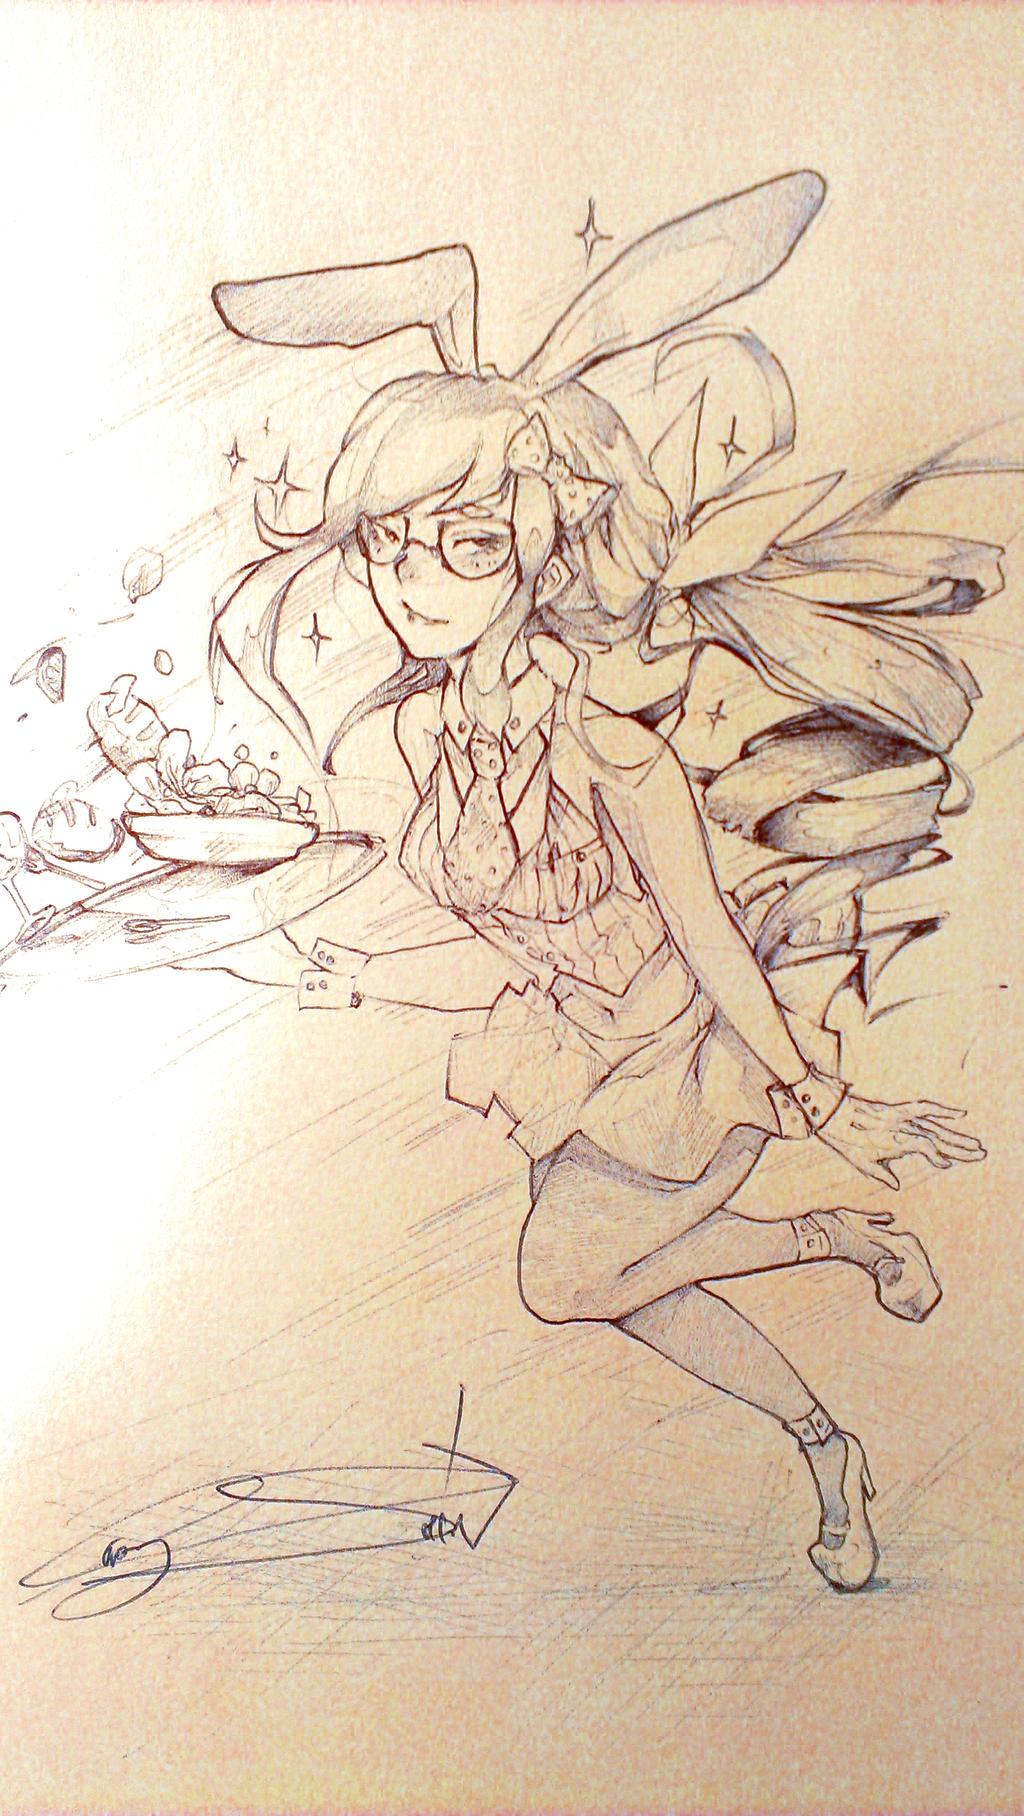 Bunny Waitress by Erecshin